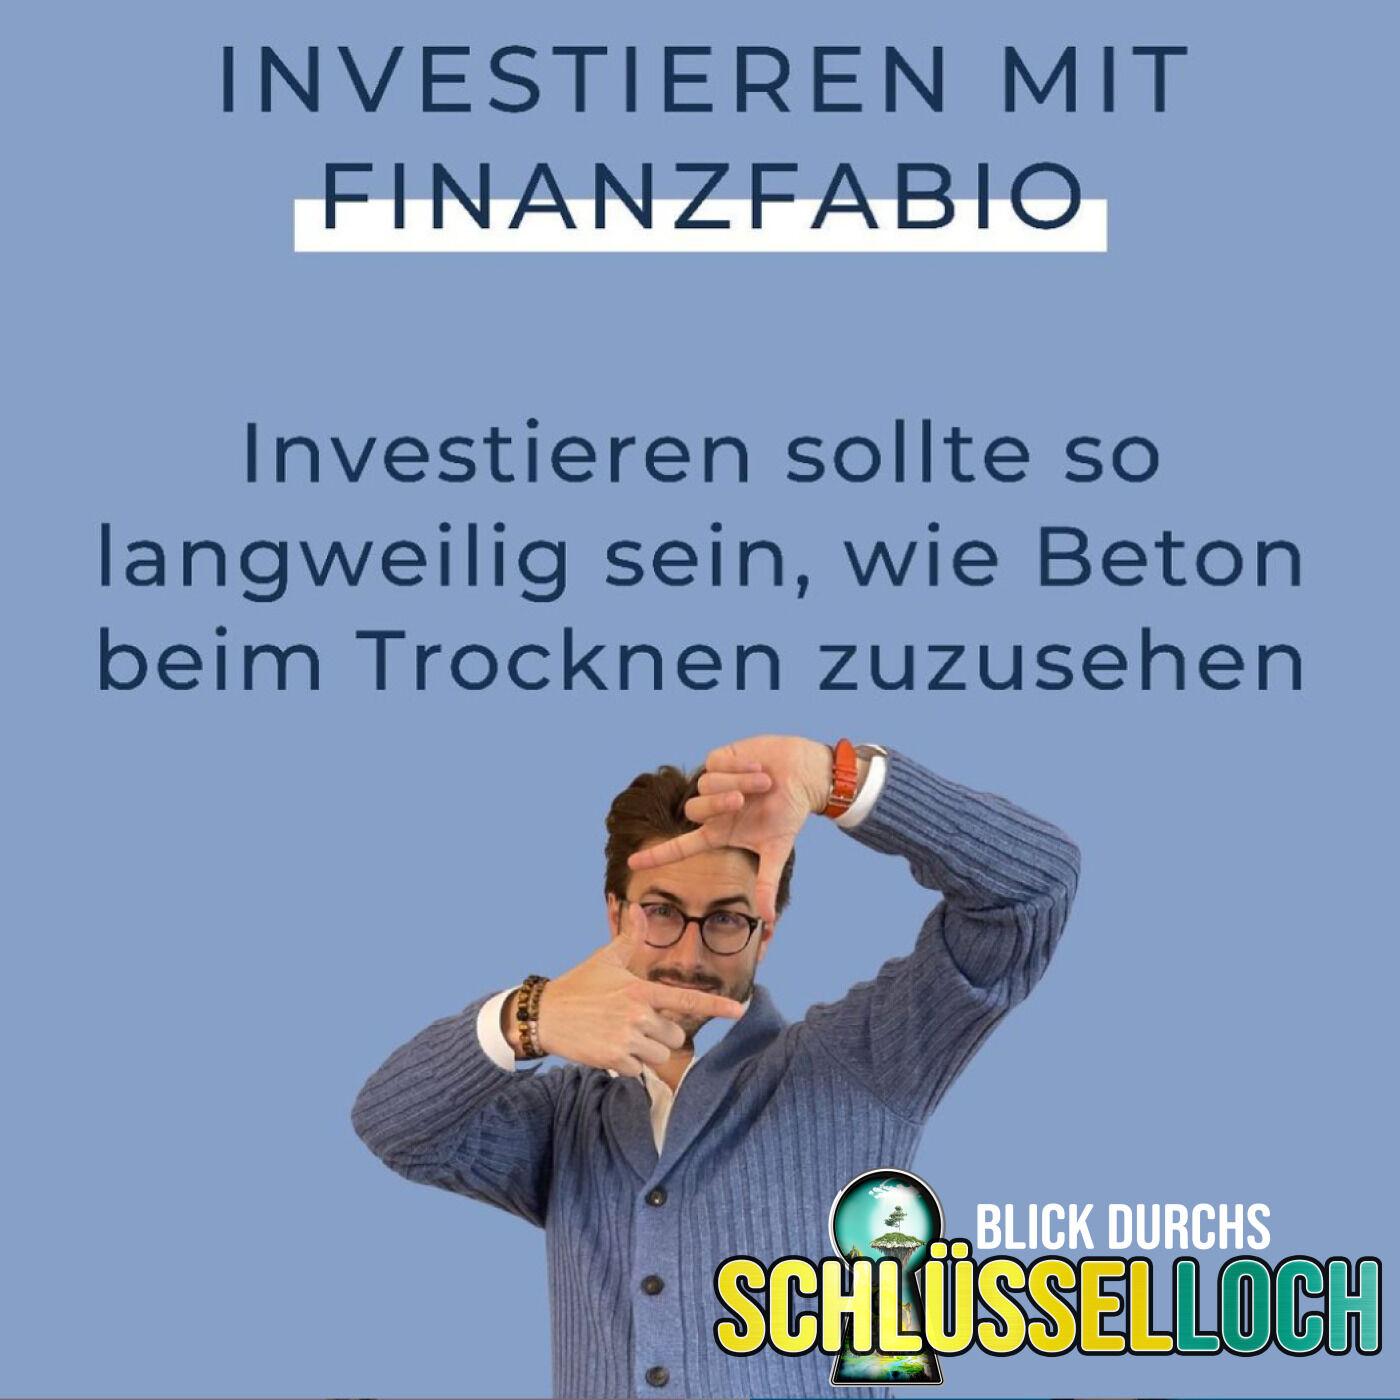 #34 Bezahle dich zuerst! FinanzFabio